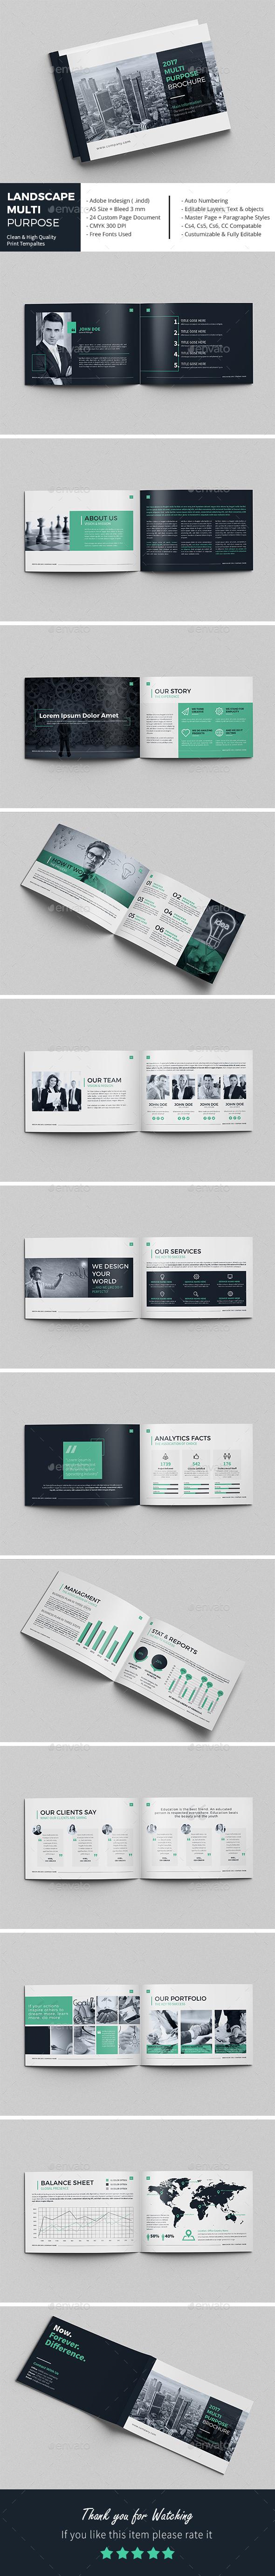 Landscape Multi-Purpose Brochure - Corporate Brochures